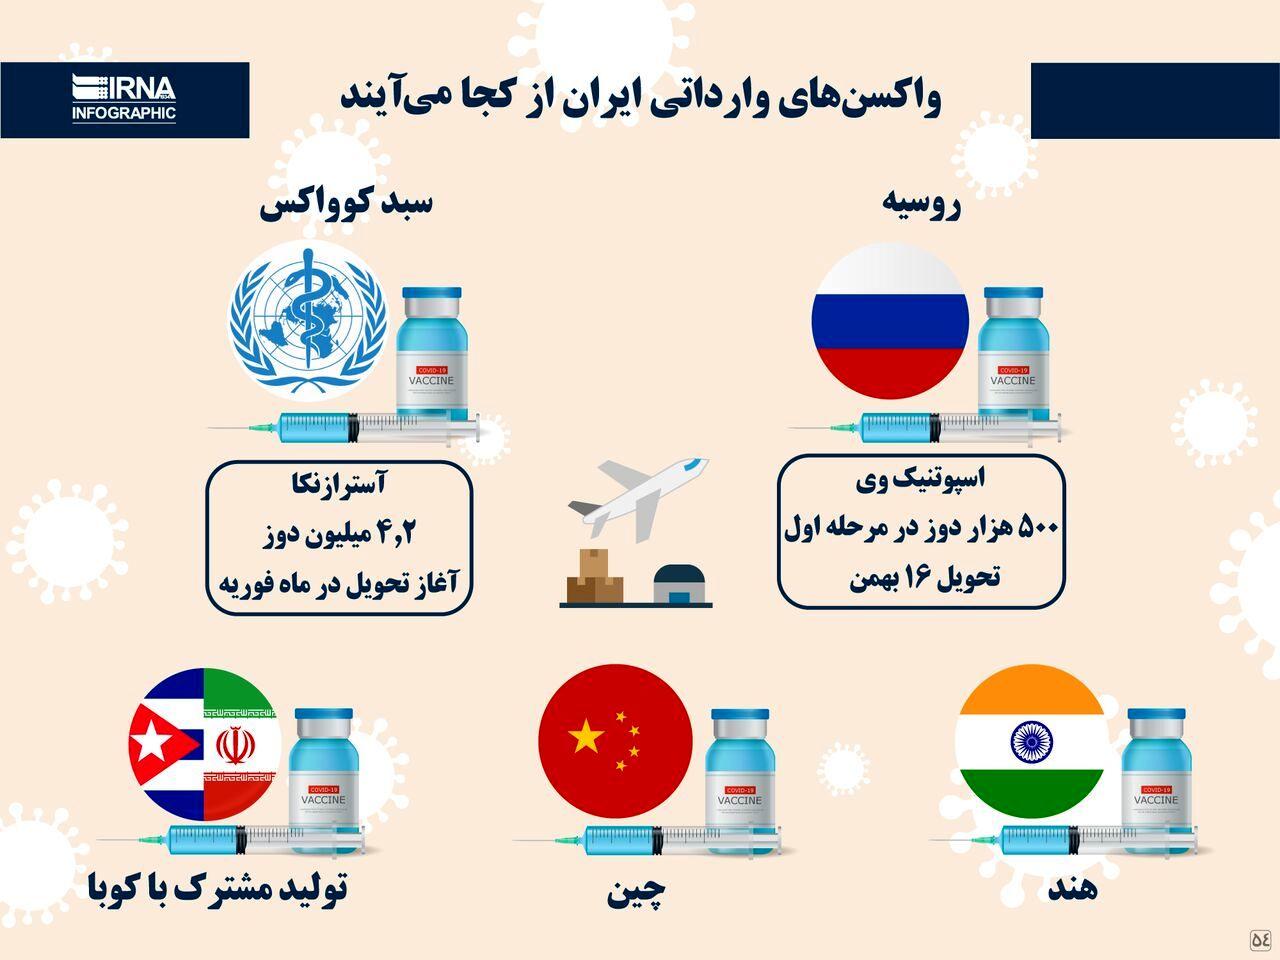 واکسنهای وارداتی ایران از کجا میآیند